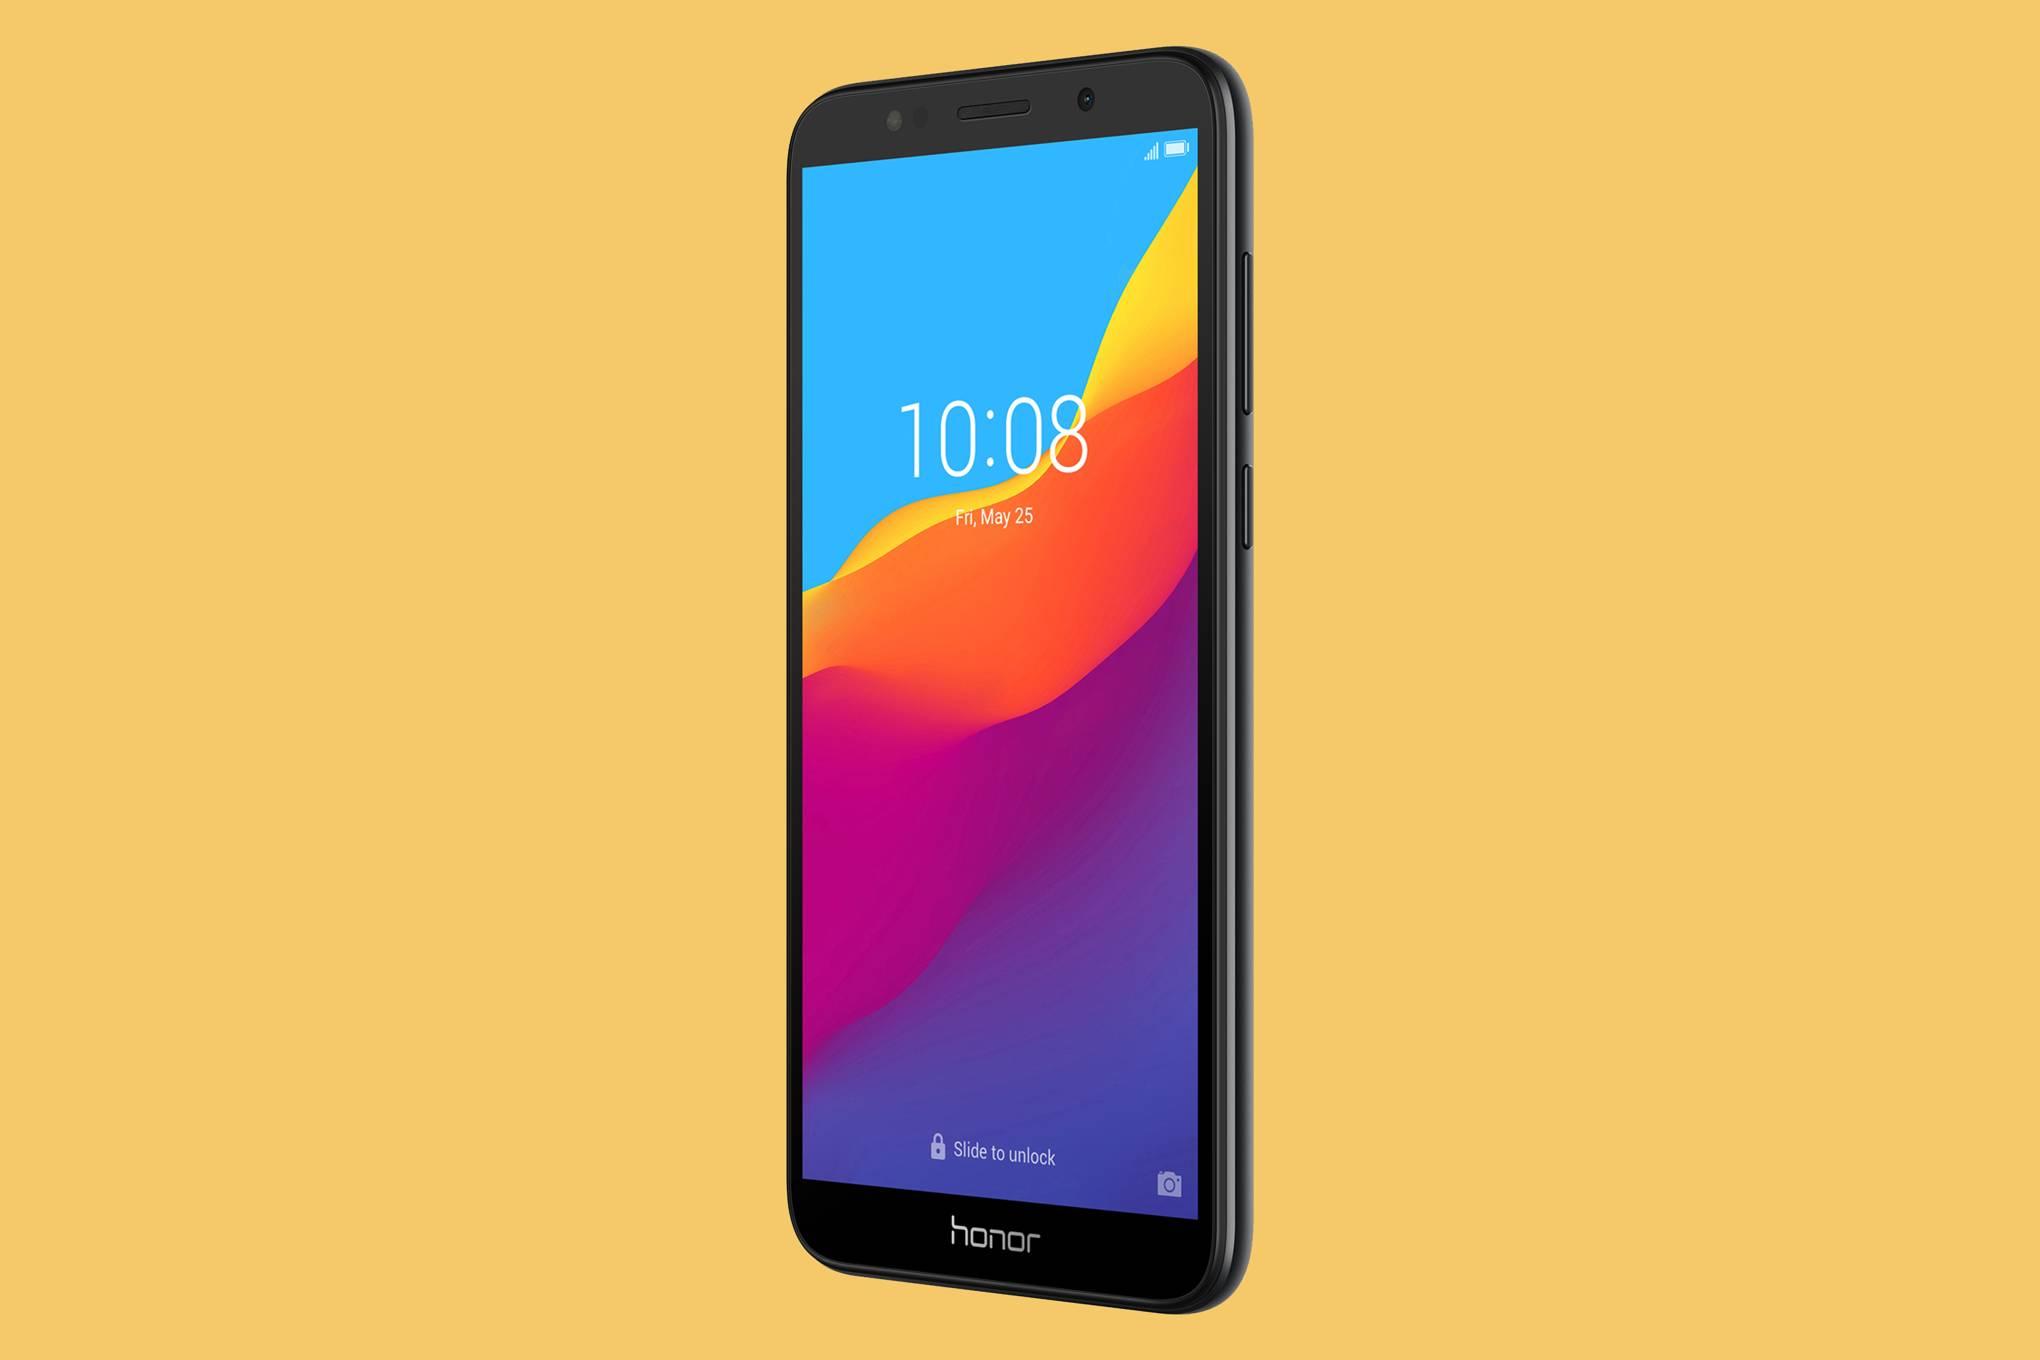 Honor 7S Türkiye'de ilk kez A101 mağazalarında satışa sunulacak!